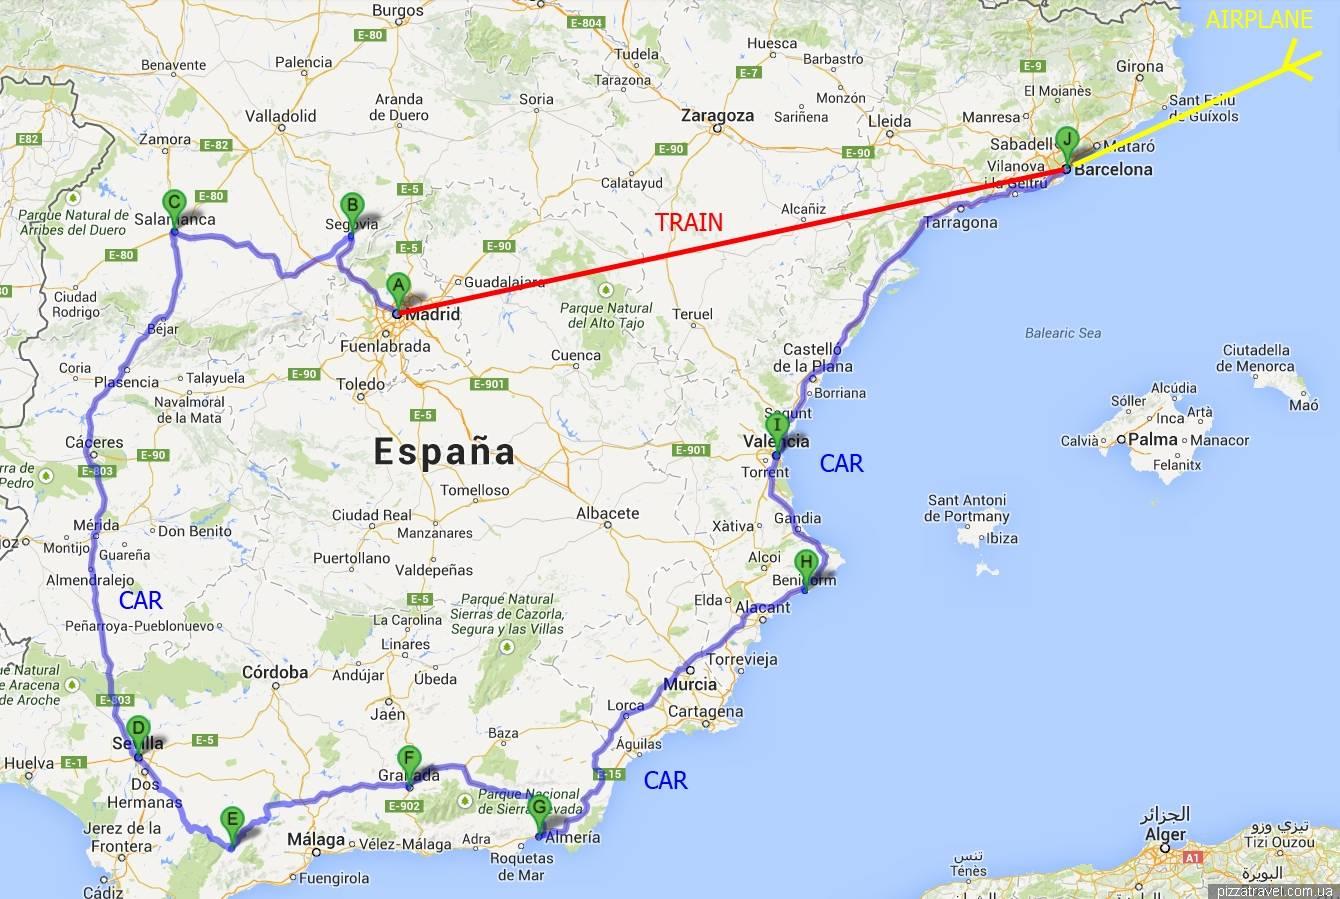 Город малага в испании — столица побережья коста дель соль